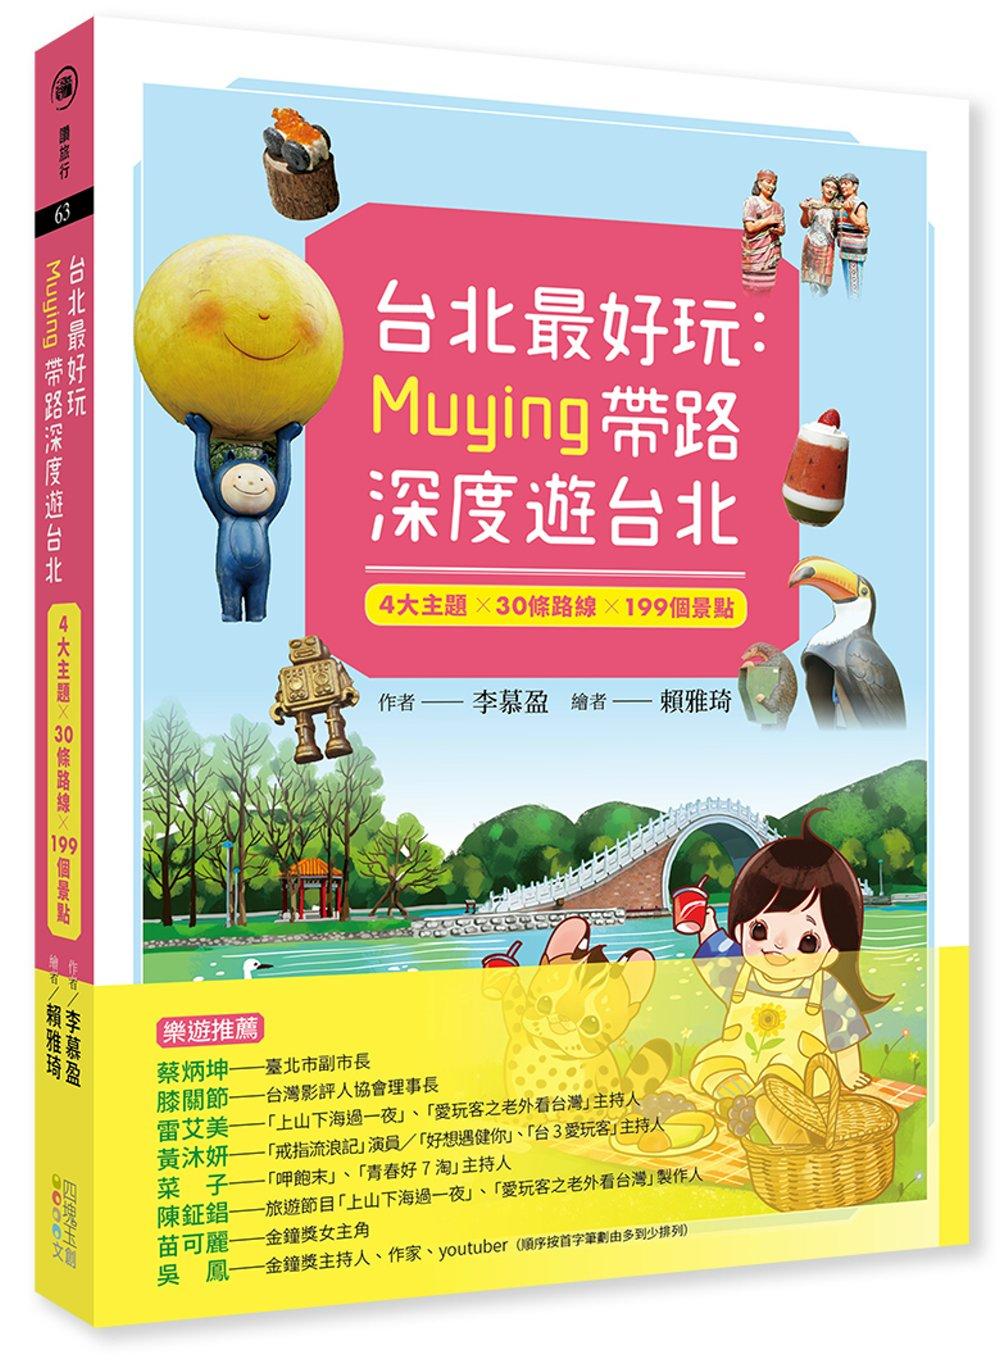 台北最好玩:Muying帶路深...